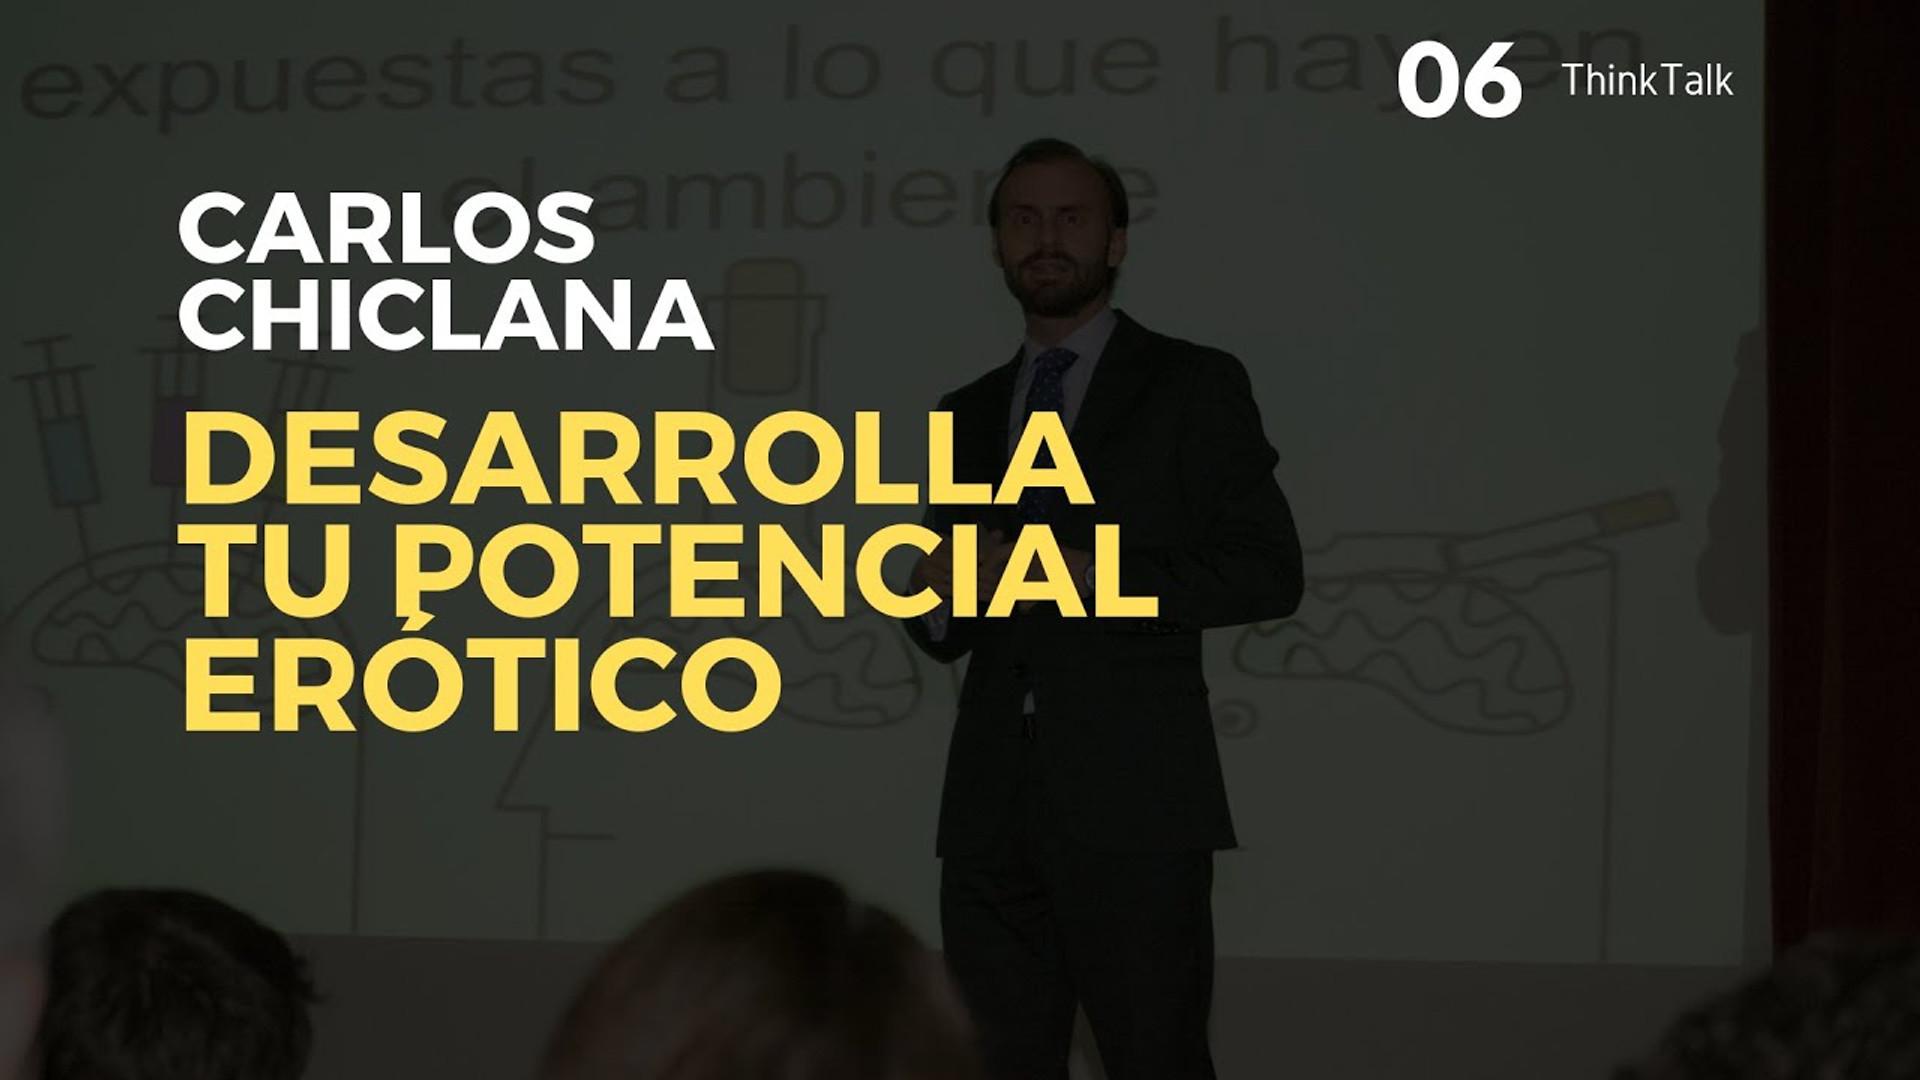 ThinkTalk6: Carlos Chiclana, psiquiatra y especialista en afectividad